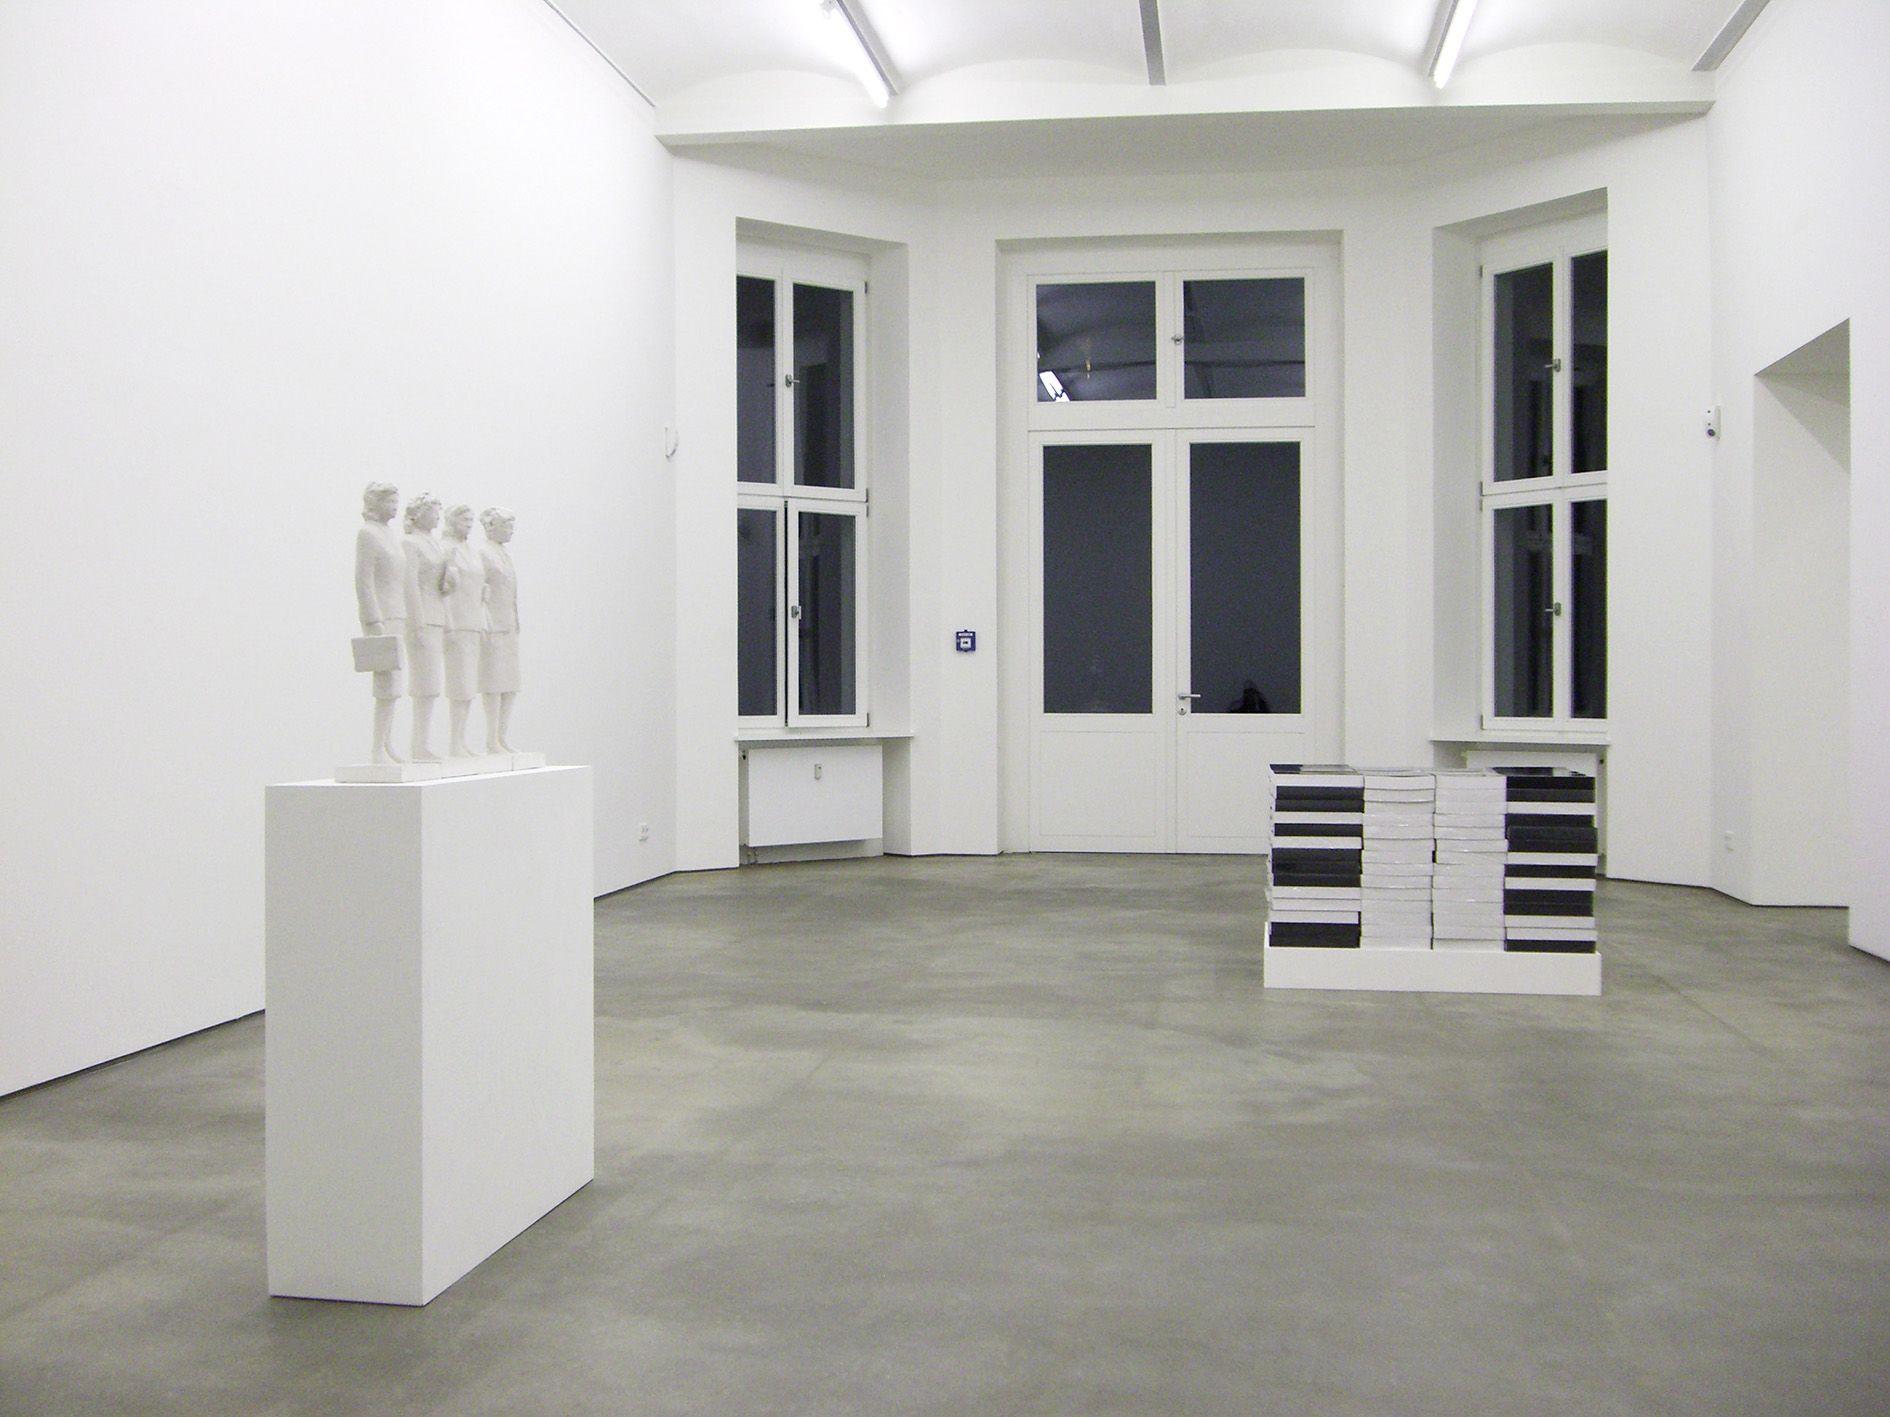 Peter FischliDavid Weiss – Sonne, Mond und Sterne – Berlin